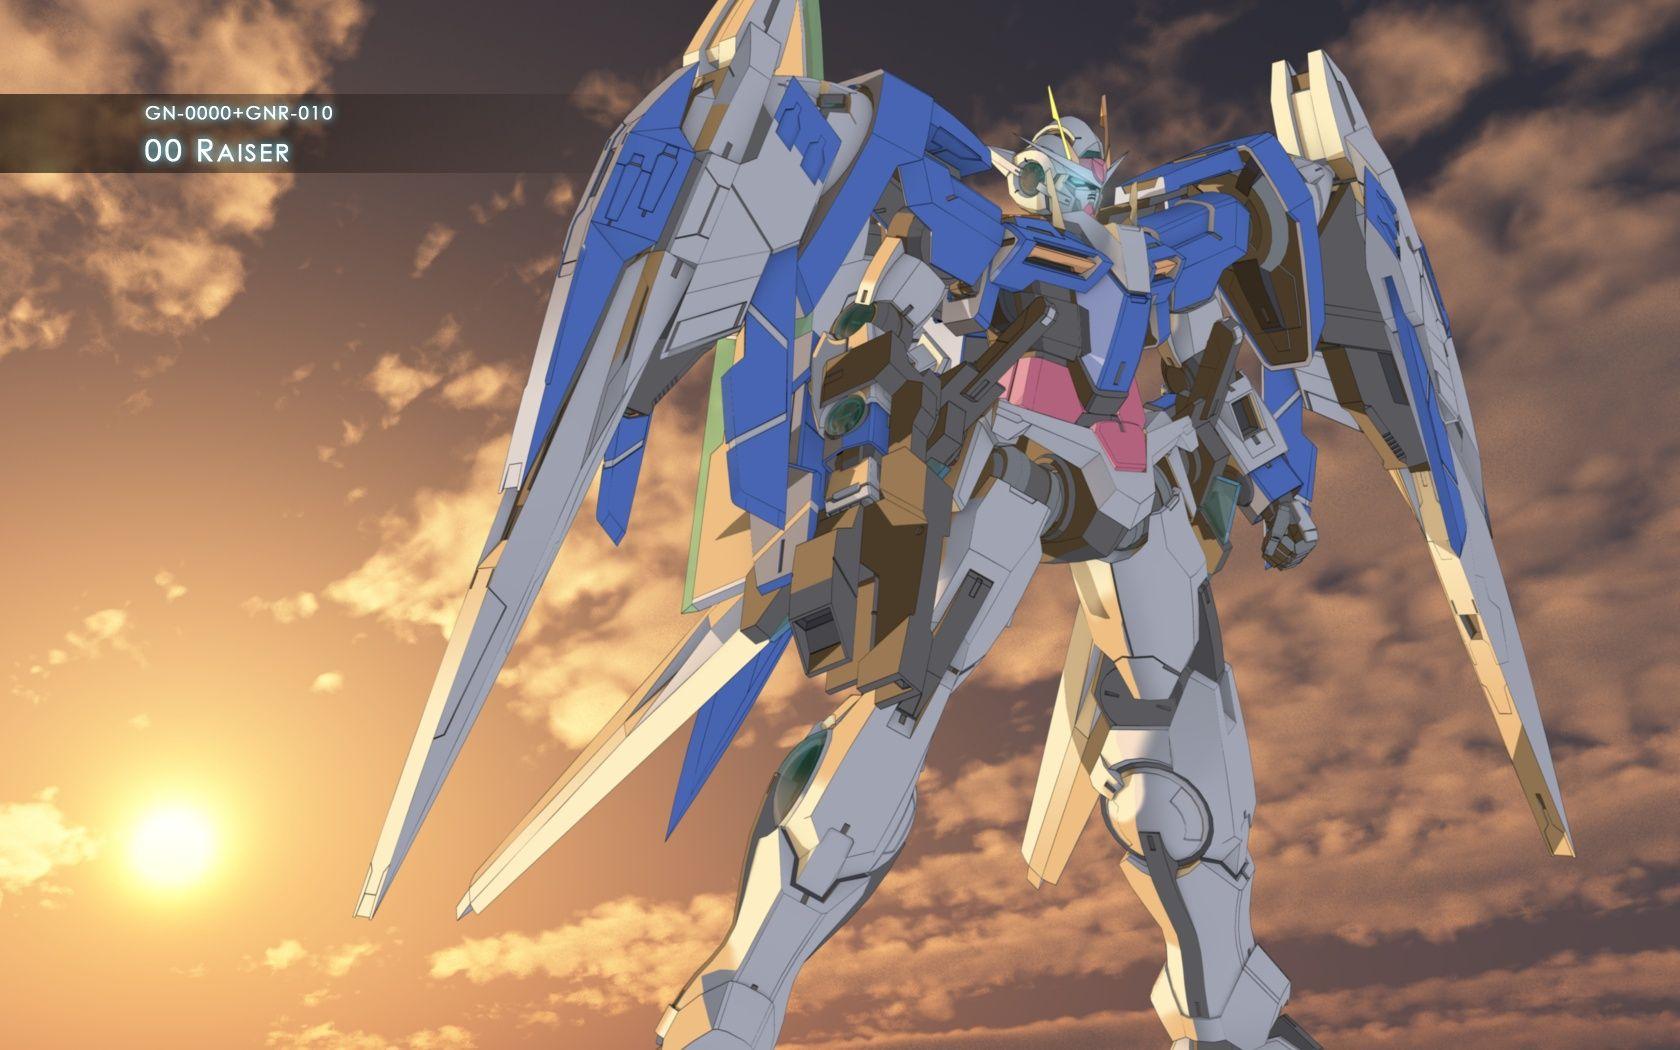 Gundam 00 Raiser Wallpapers 1680x1050